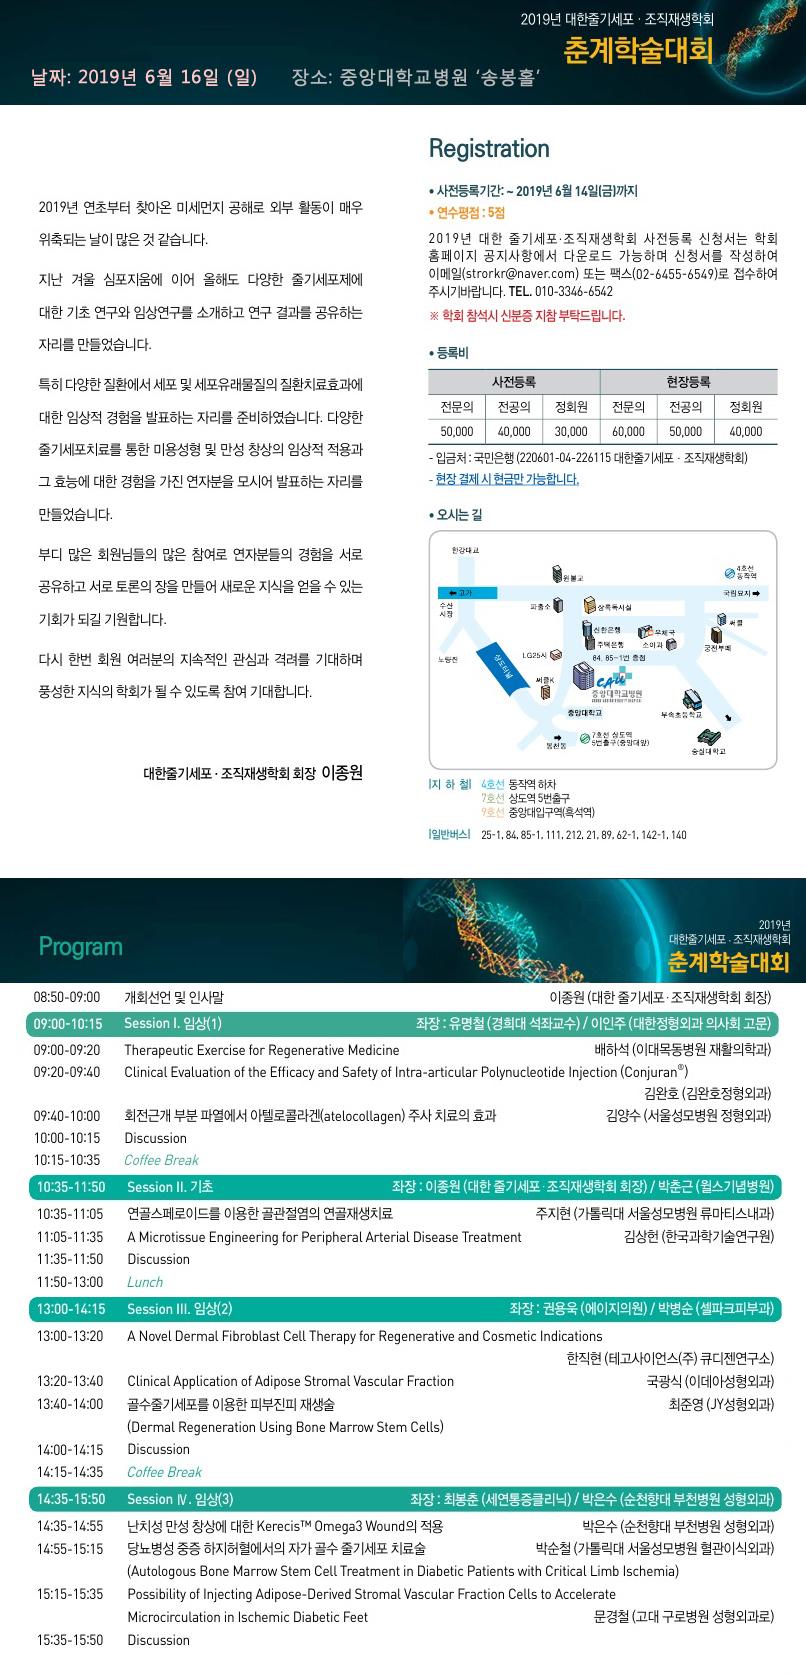 첨부2_2019년 대한 줄기세포·조직재생 학회 춘계 학술대회.jpg